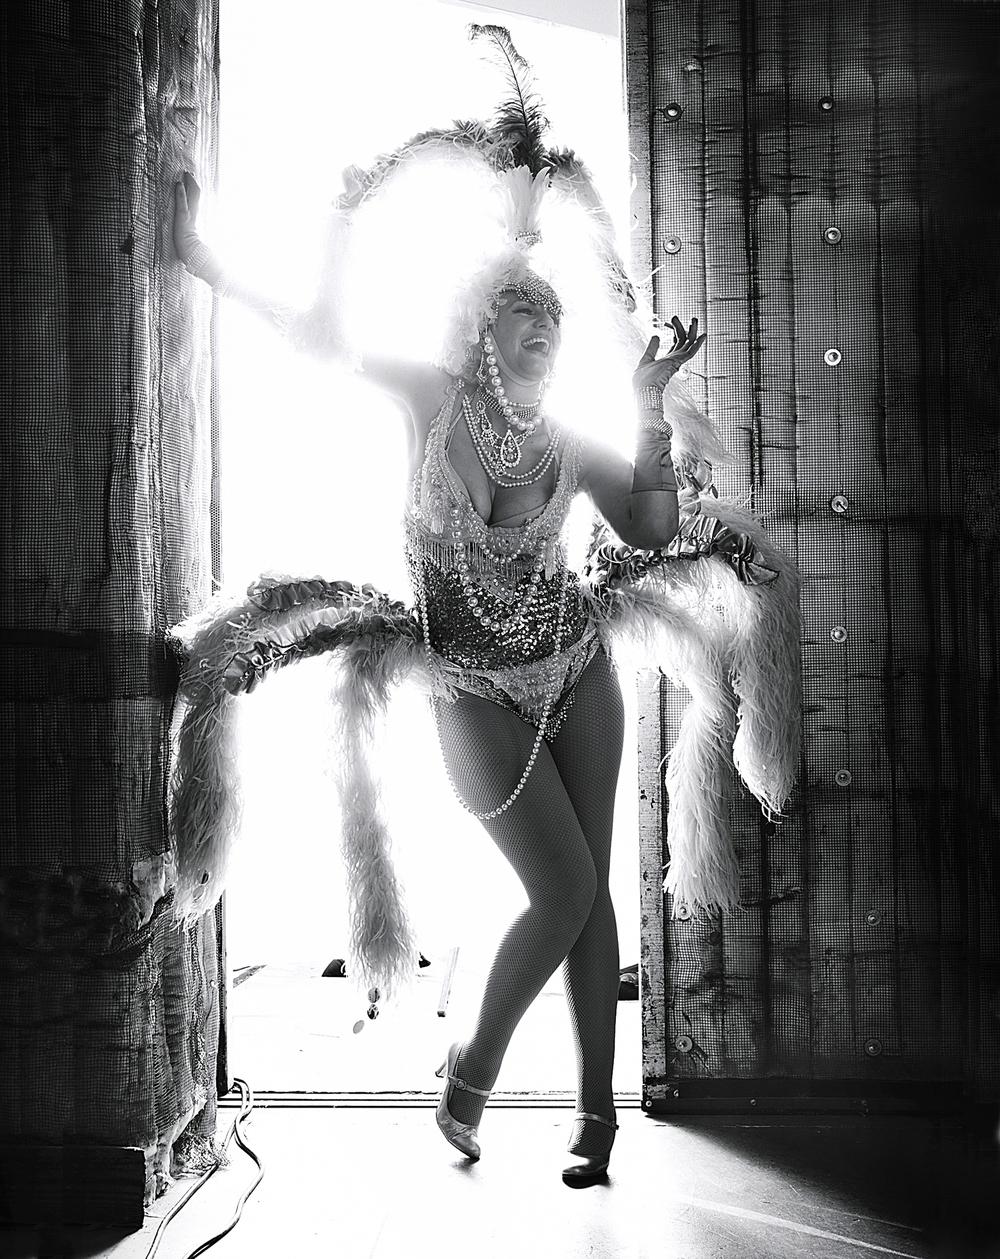 Showgirl - Los Angeles, CA